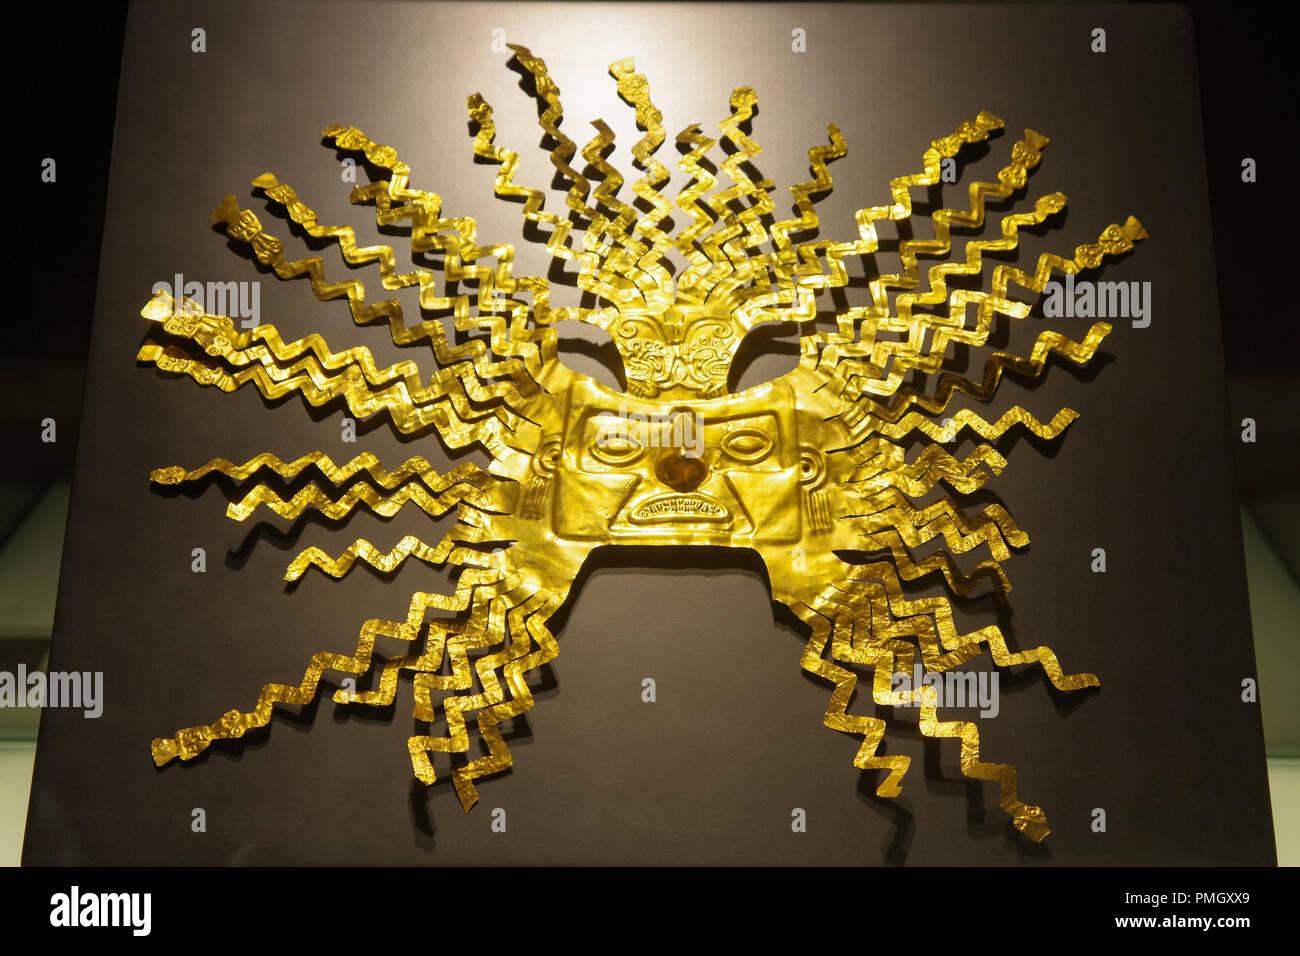 QUITO, ECUADOR - Agosto 24, 2018: Cerca de la hermosa máscara de Inca de Oro dentro de el Ágora museo ubicado en la Casa de la Cultura en Quito. Imagen De Stock